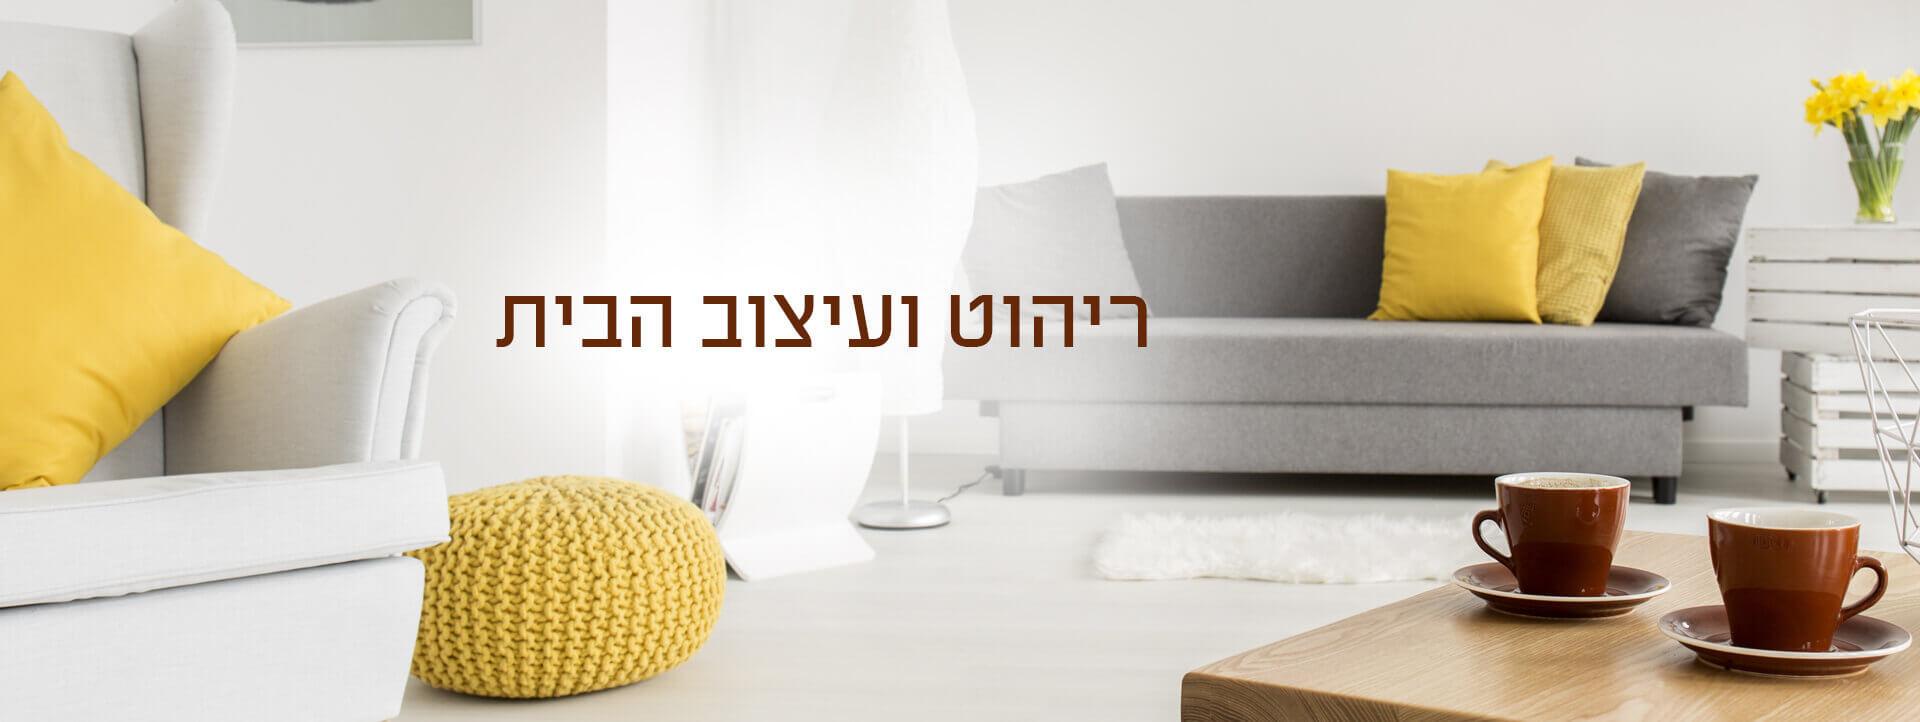 ריהוט ועיצוב הבית